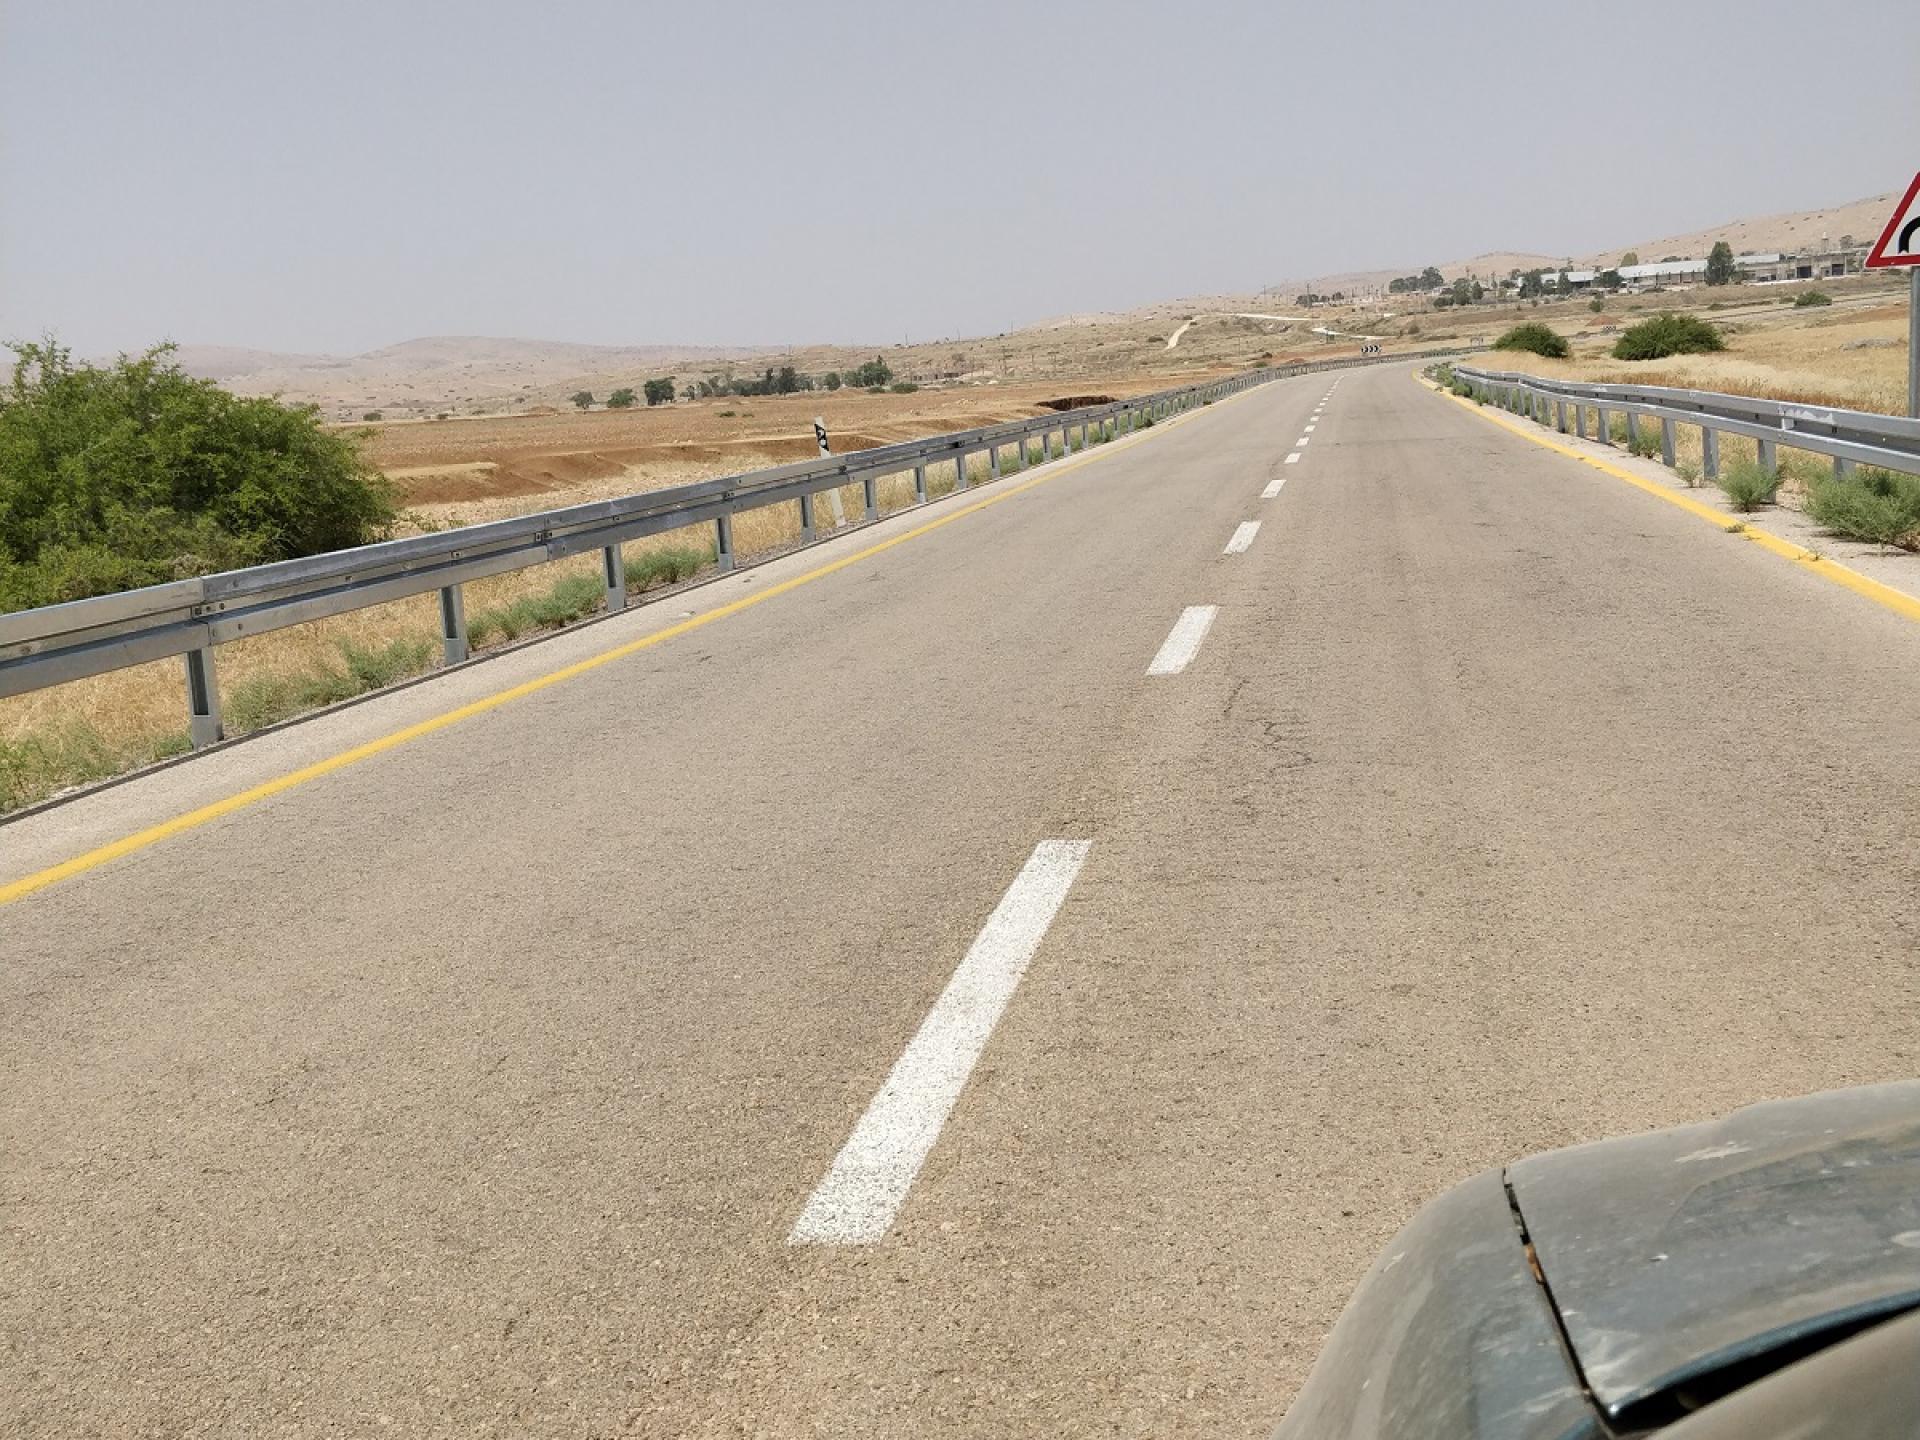 בקעת הירדן: גדרות ביטחון בלוף. מטרתן למנוע מרועים פלסטינים לחצות את הכביש עם העדרים